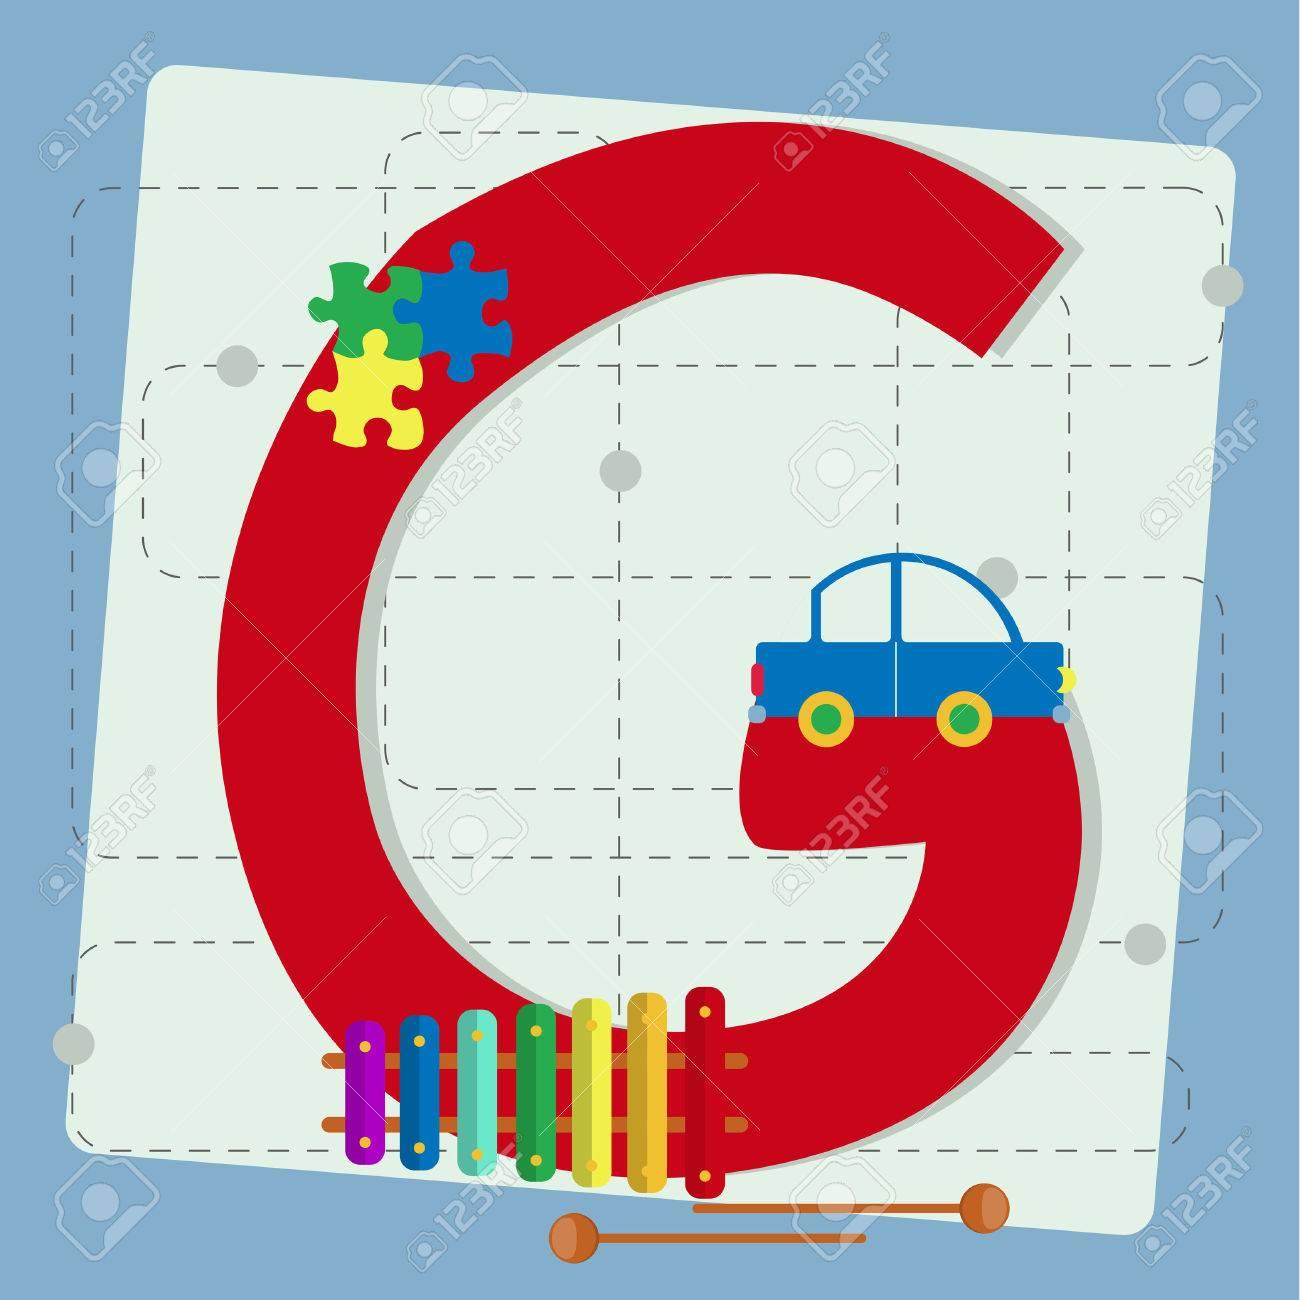 G Alphabet De Pour Avec Enfants Lettre JouetPuzzle Stylisé XylophoneInstrumentVoiture I6vbfyY7g